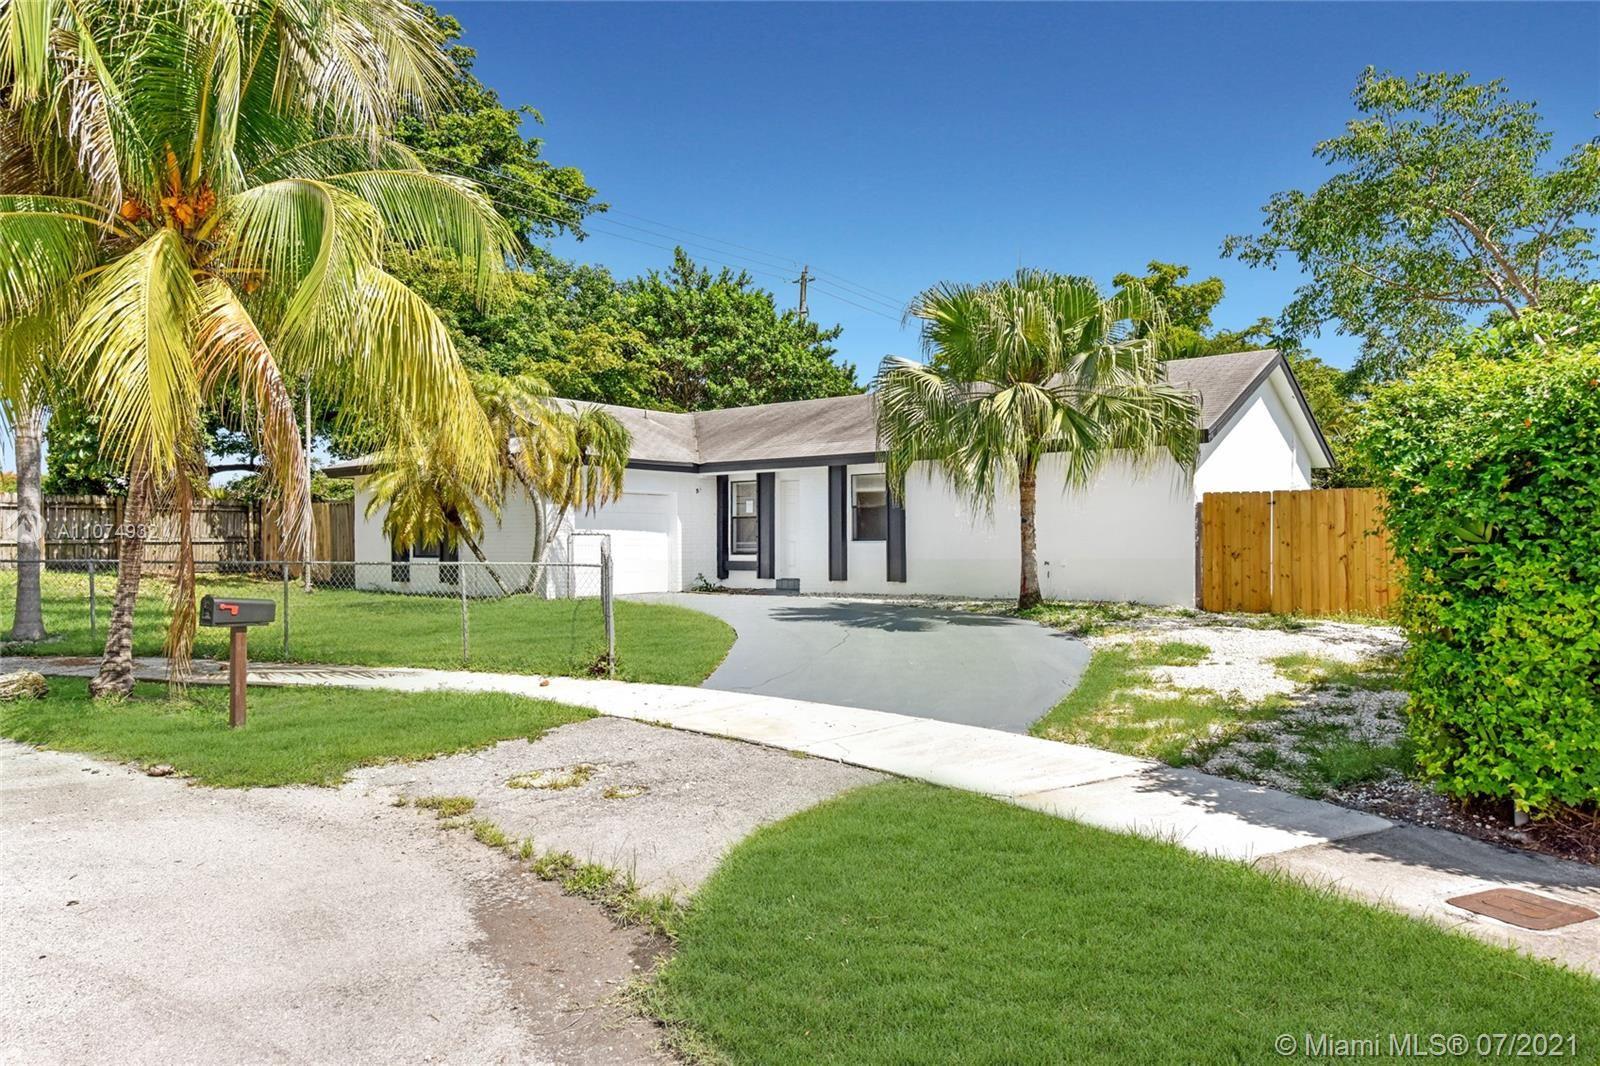 11200 SW 158th St, Miami, FL 33157 - #: A11074932